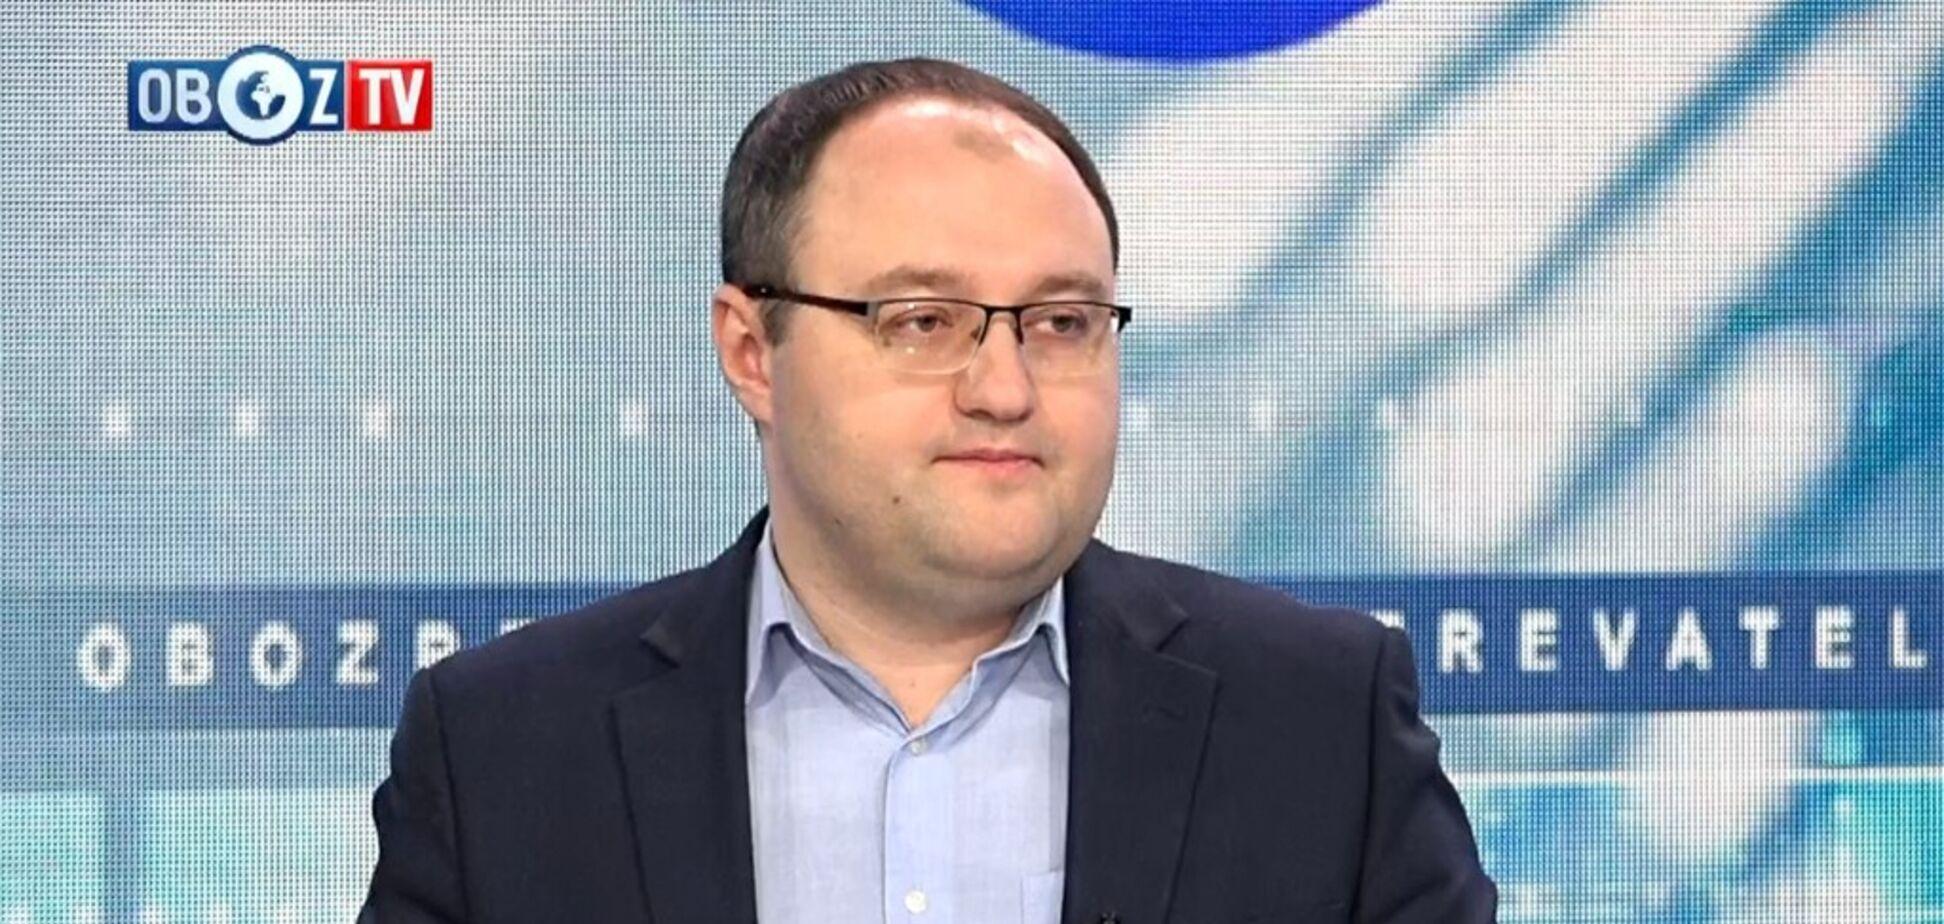 Весь світ вже вважає РФ стороною конфлікту на Донбасі: експерт з міжнародних питань